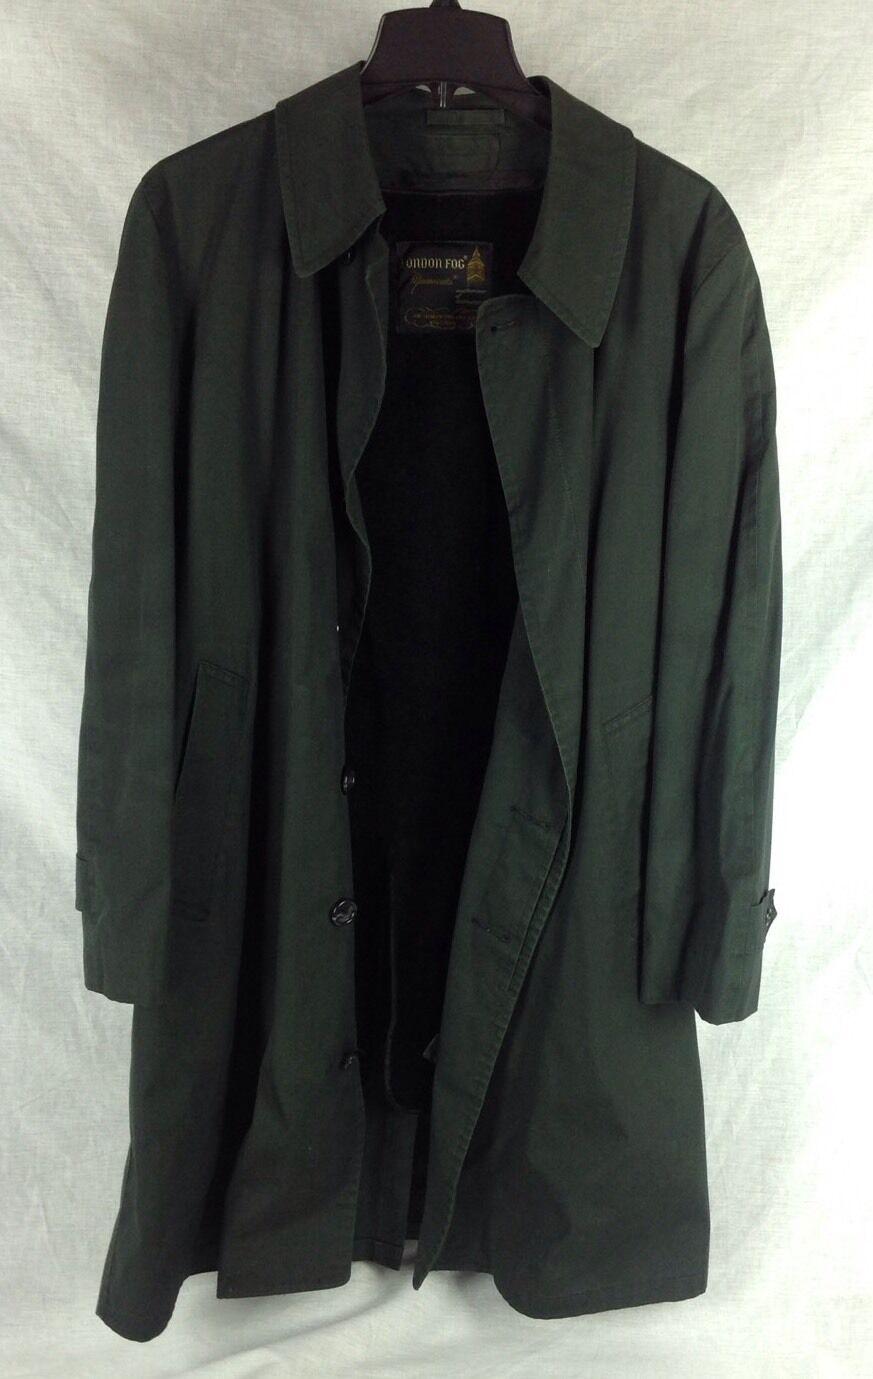 LONDON FOG MAINCOATS mens green coat size 40 REG